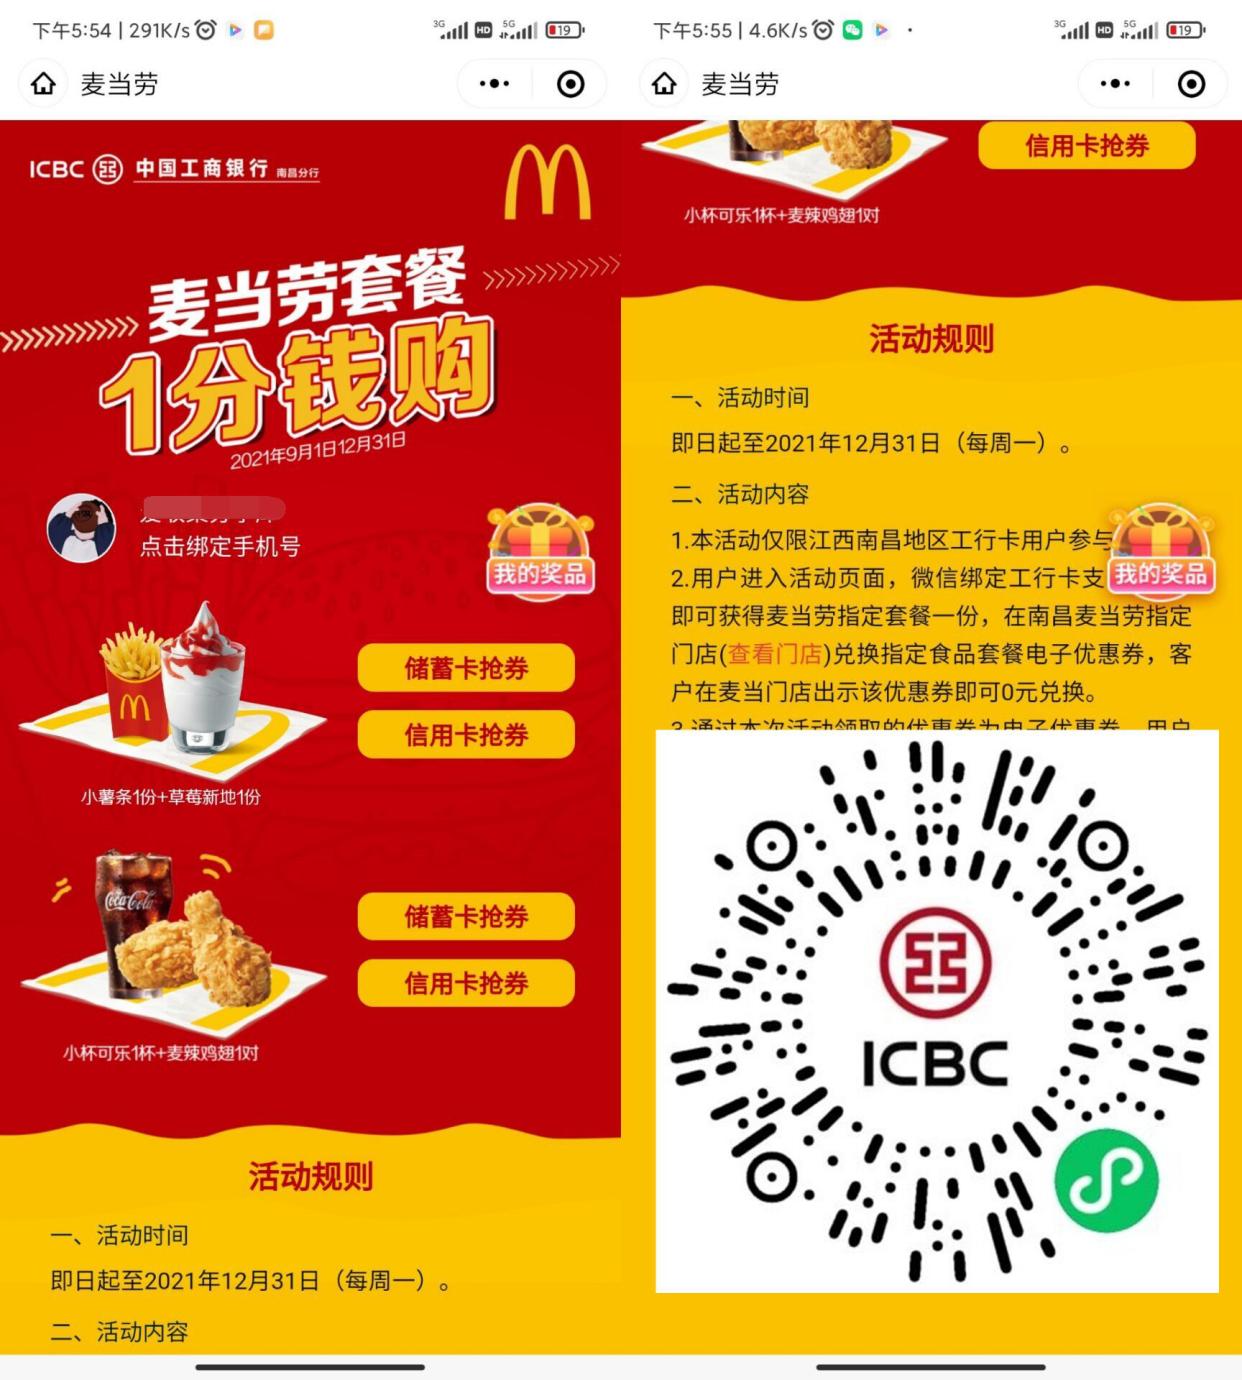 【南昌地区工行0.01吃麦当劳】微信扫码参与->根据提示